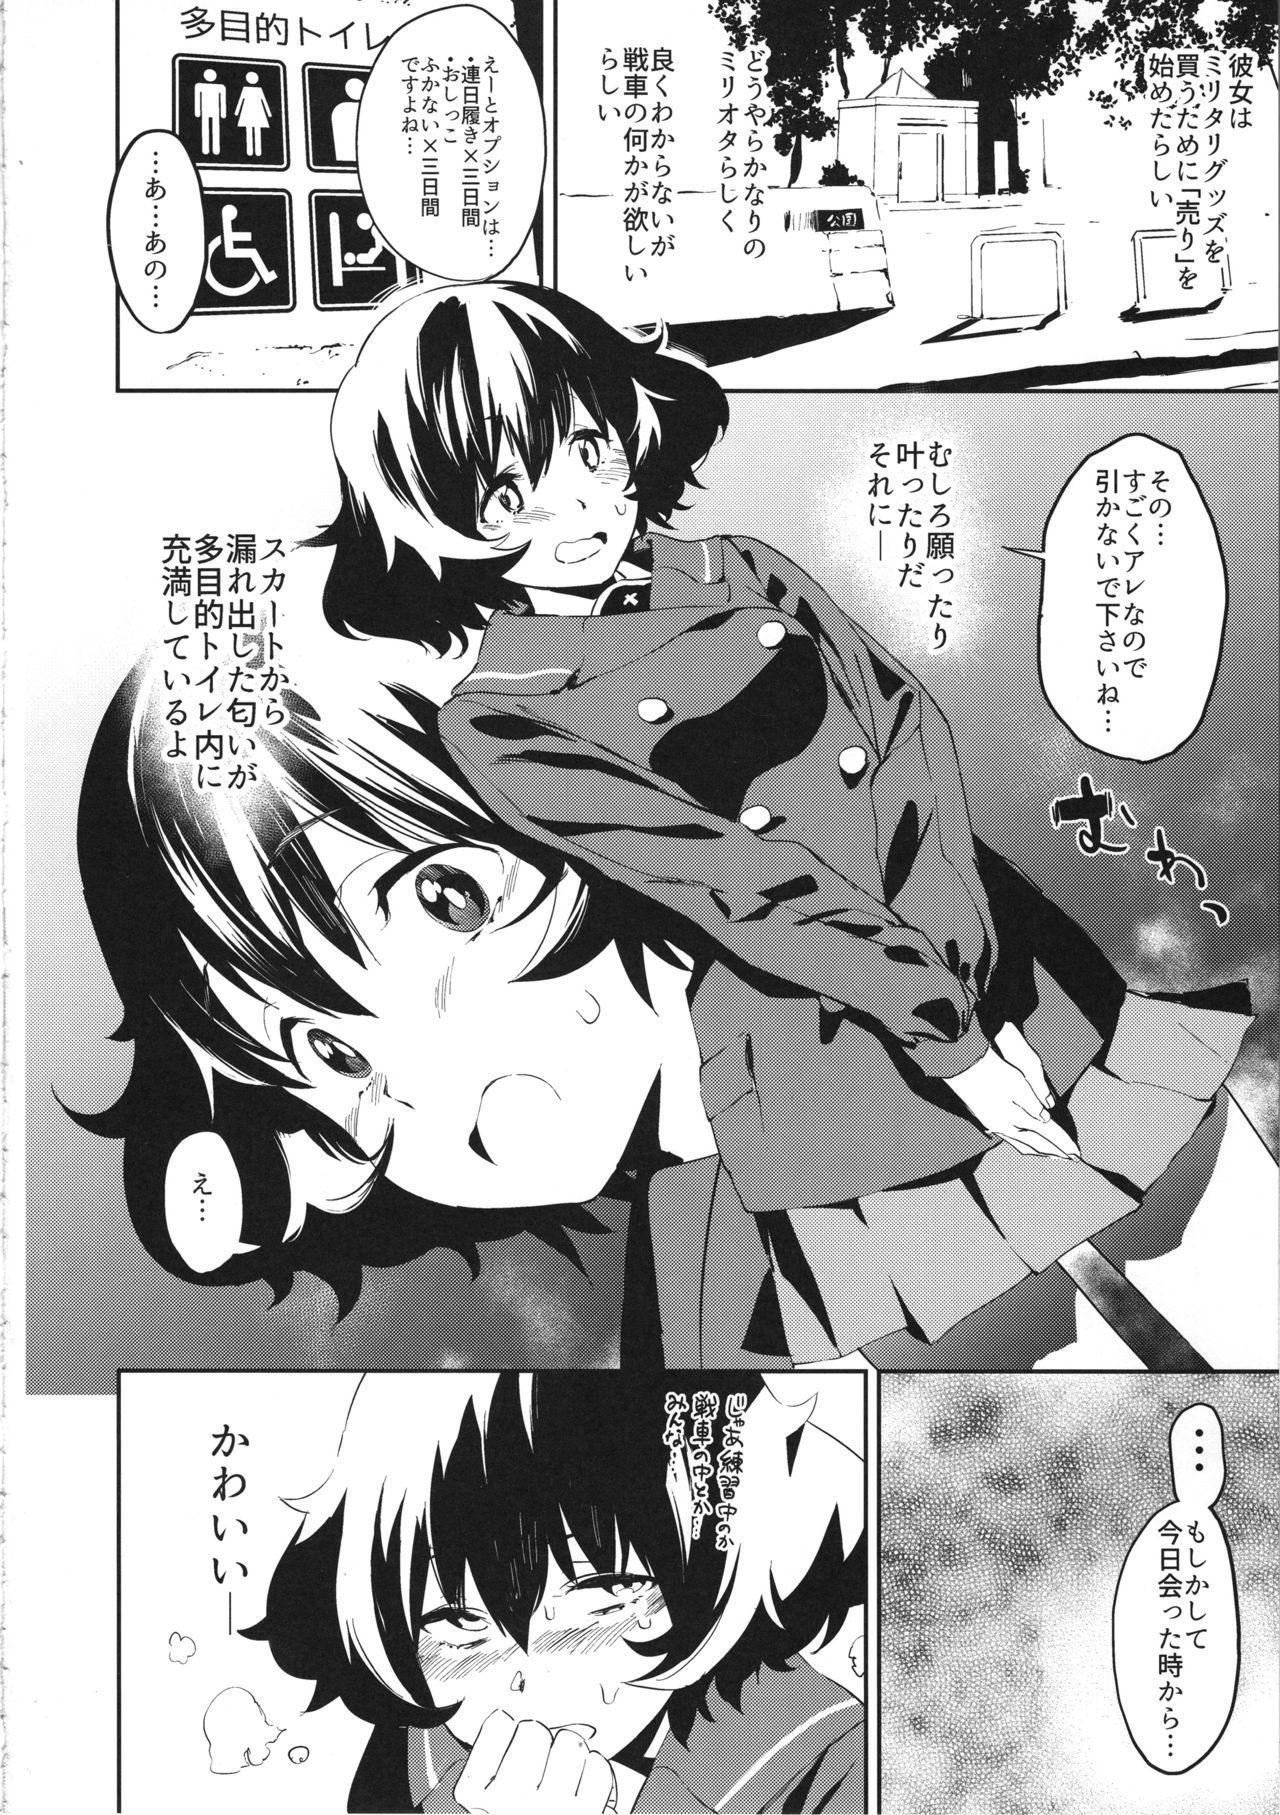 Ajiwau Akiyama Yukari no Weathering 6